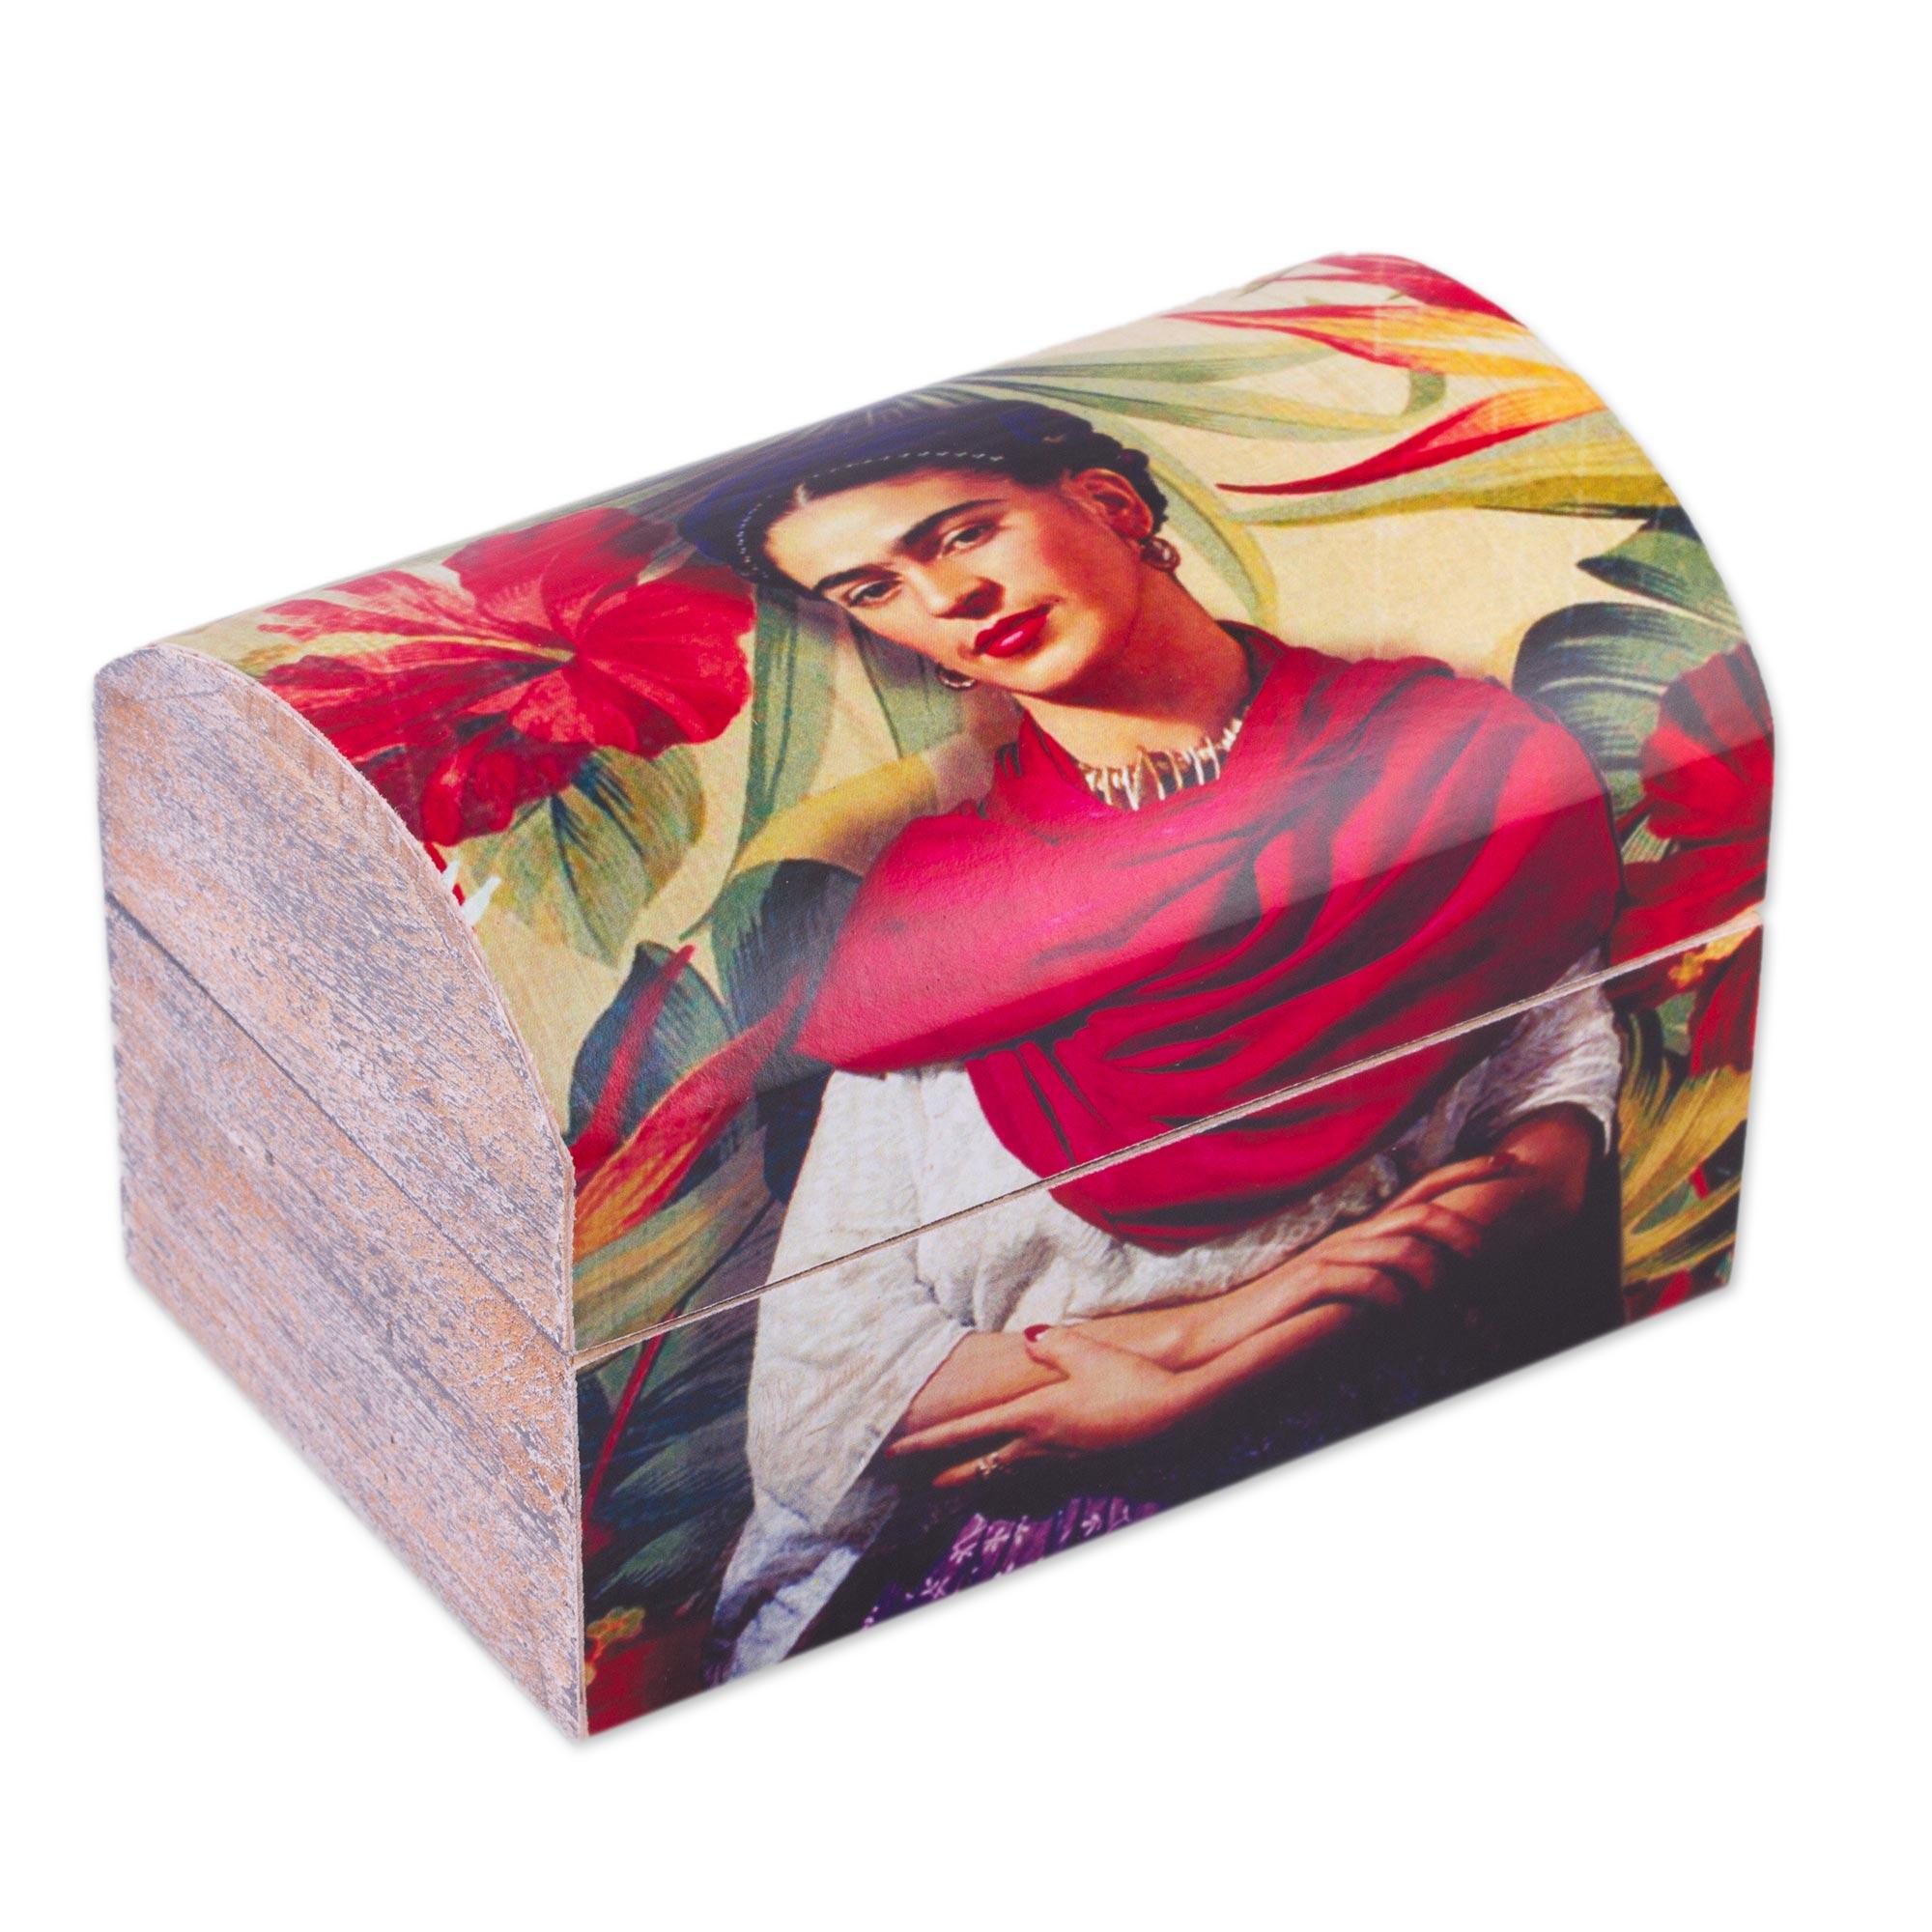 Frida Kahlo Theme Petite Decorative Decoupage Wood Box, \u0027Frida with  Hibiscus\u0027